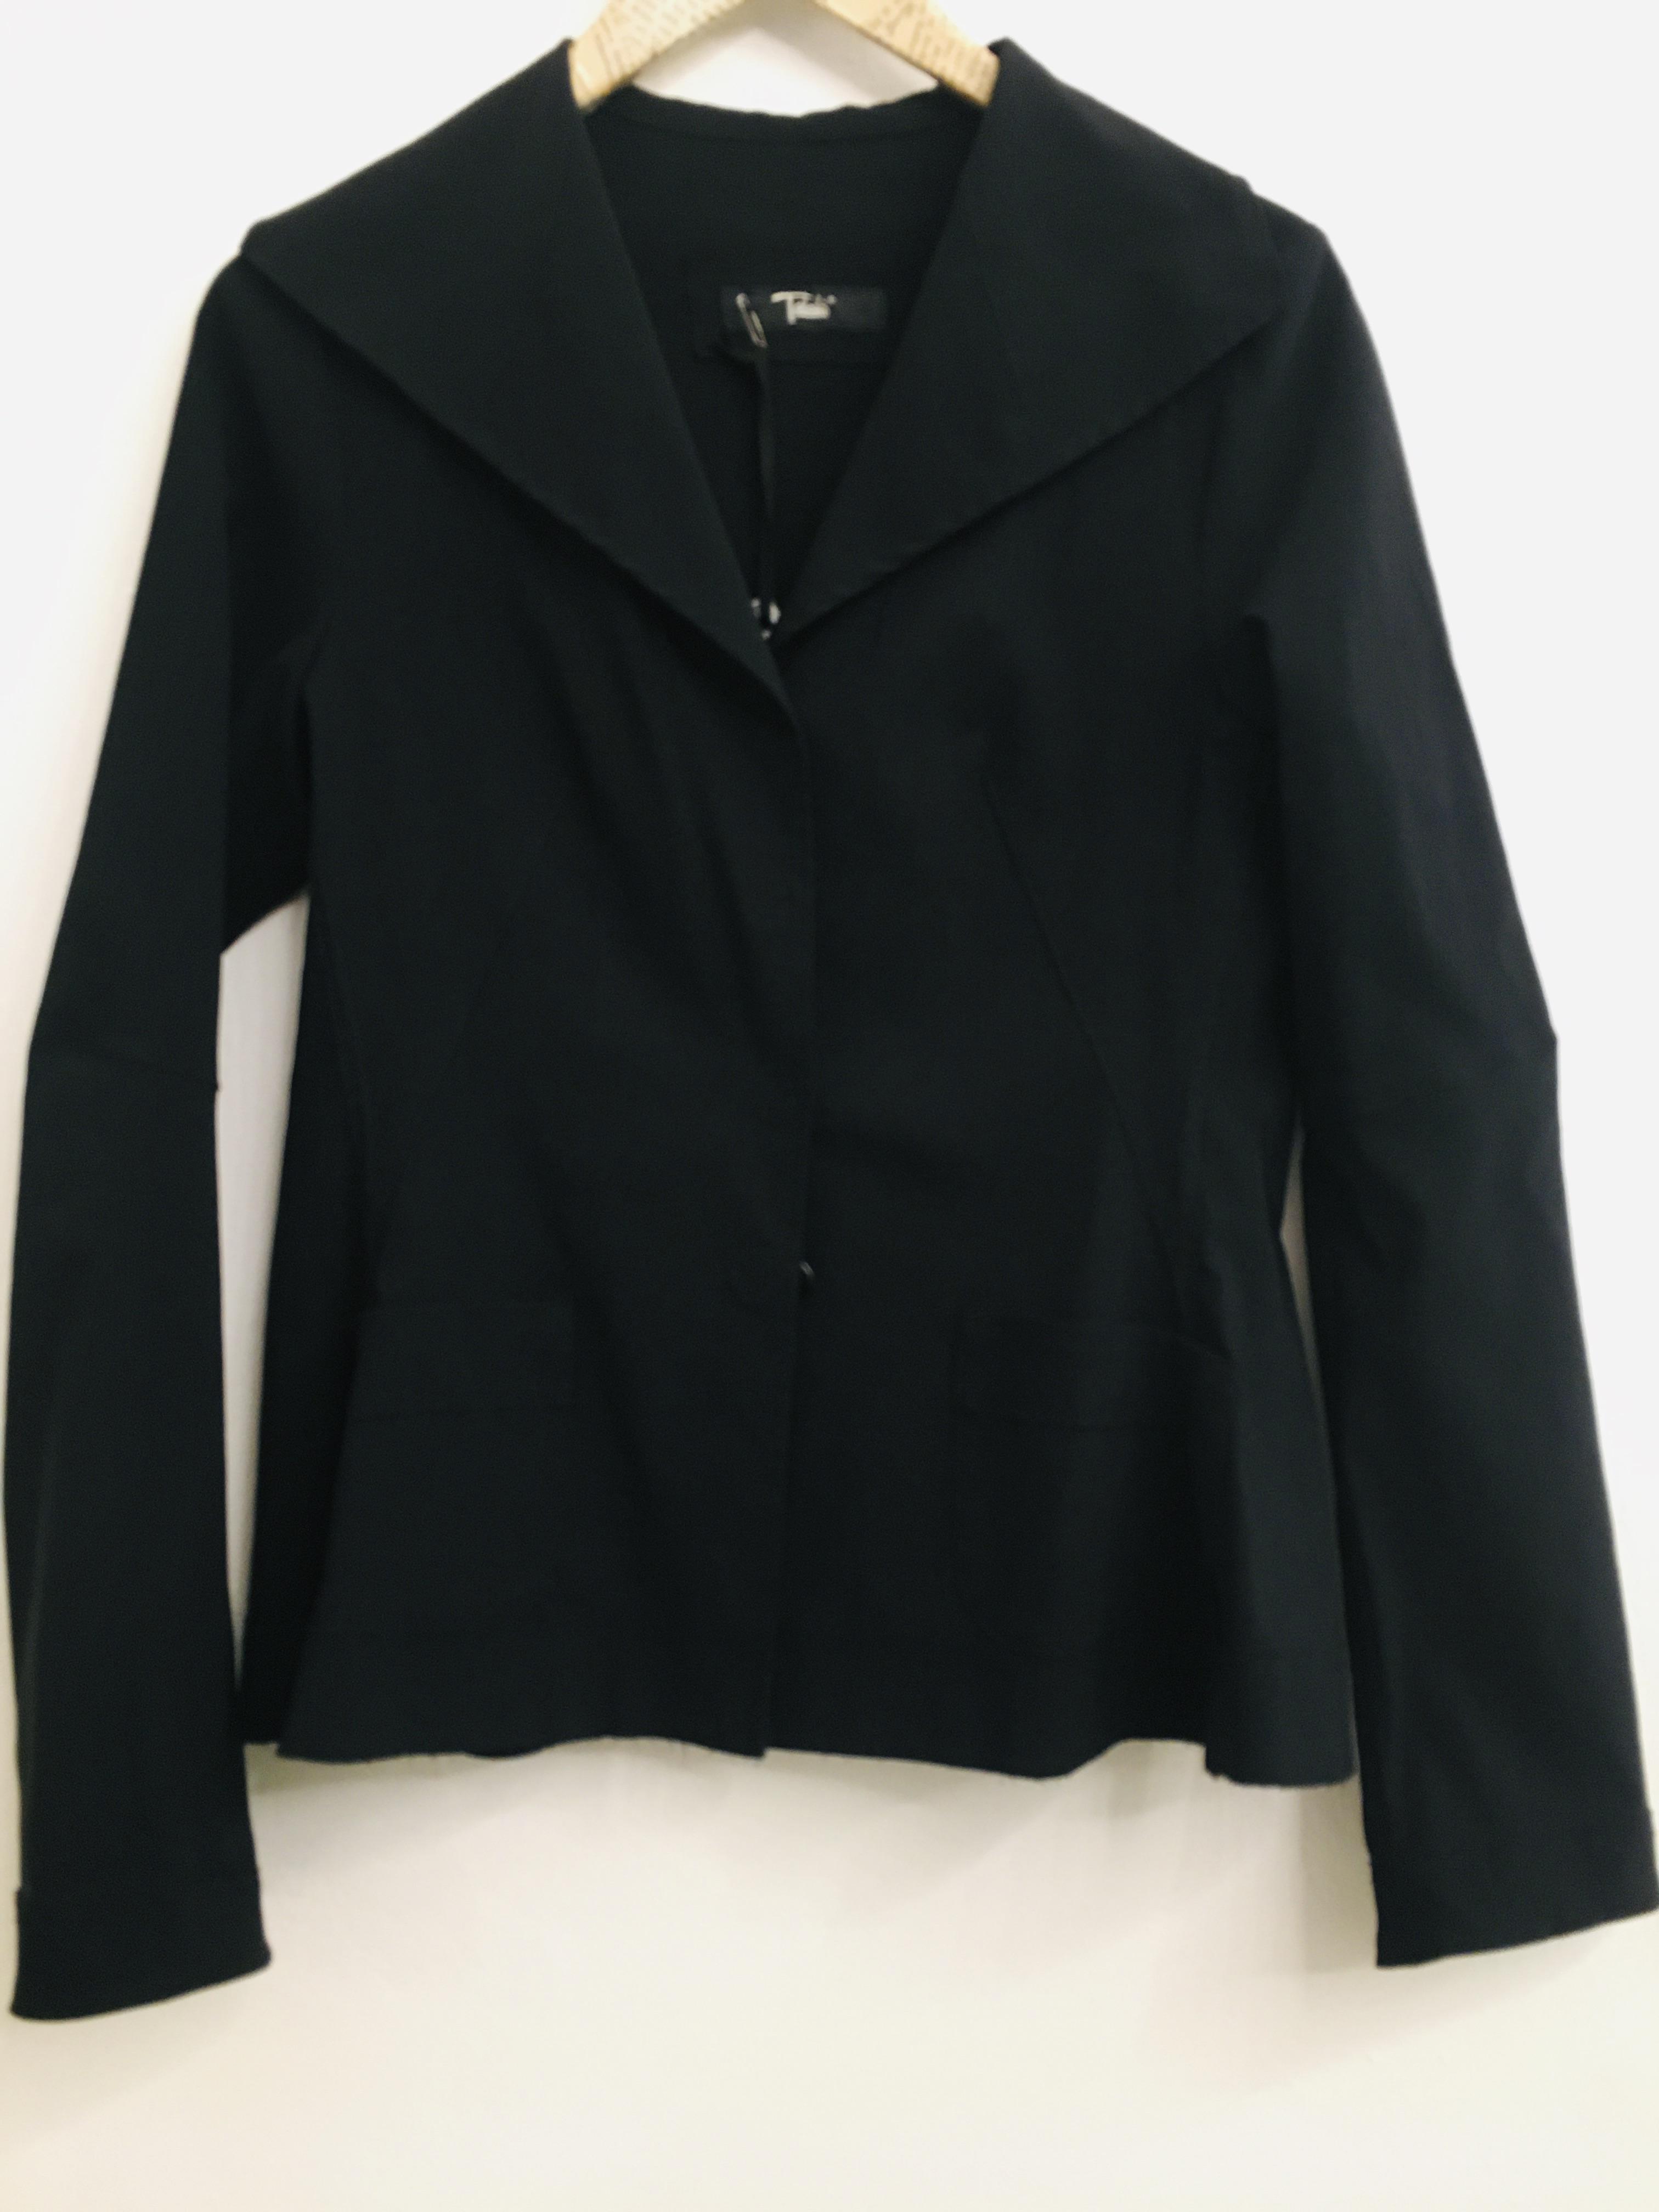 Blazer donna| nero| in tessuto tecnico| con bottoni|  con tasche frontali| made in Italy